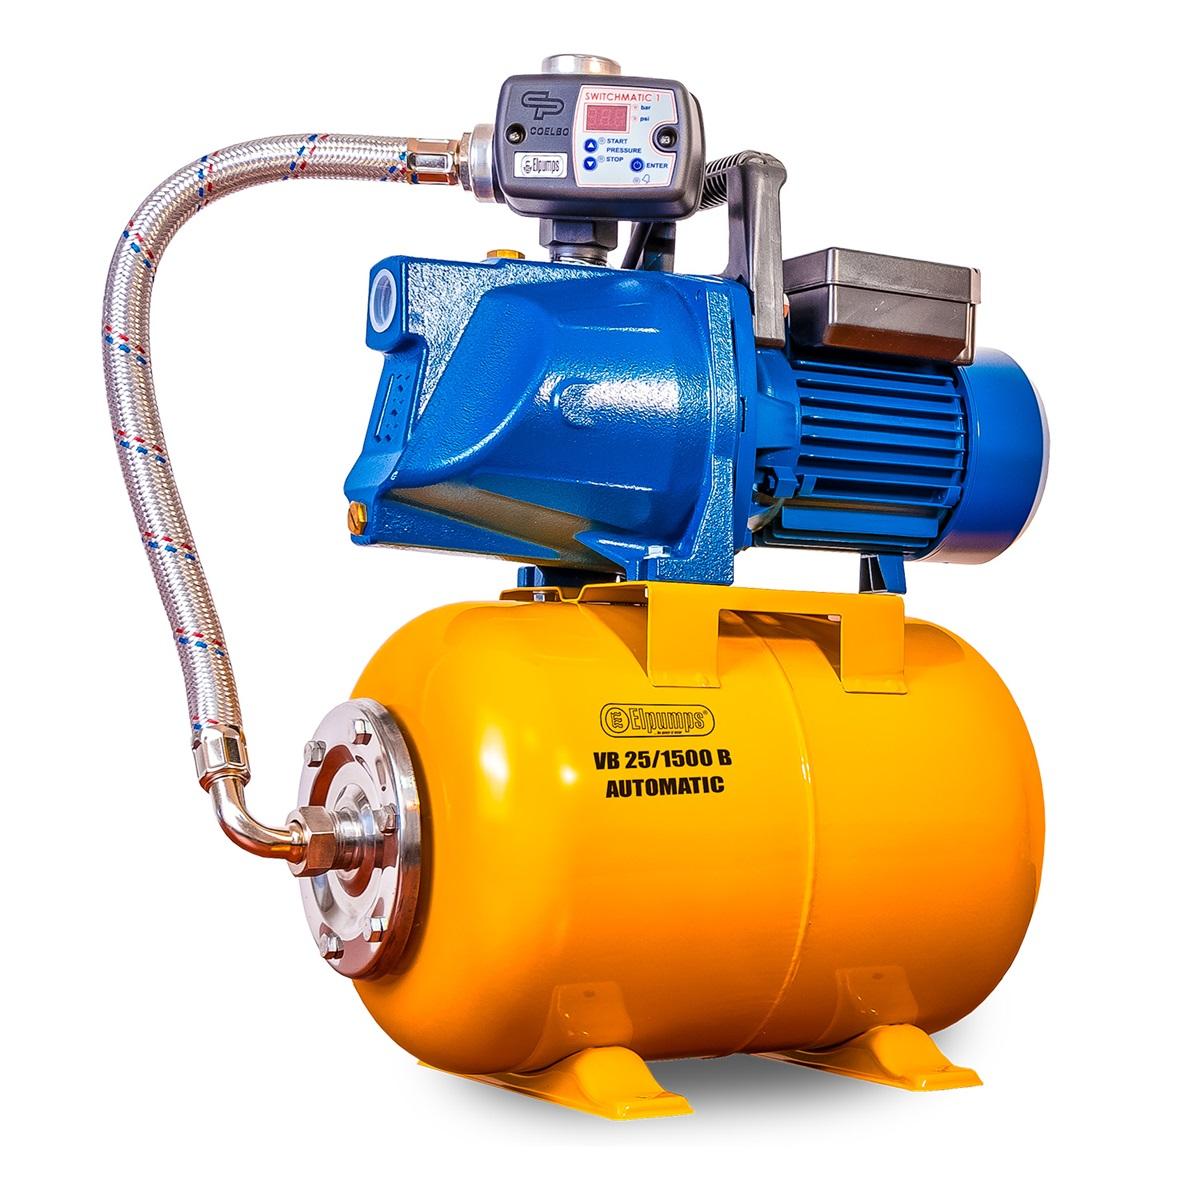 Elpumps VB 25/1500 B Automatic